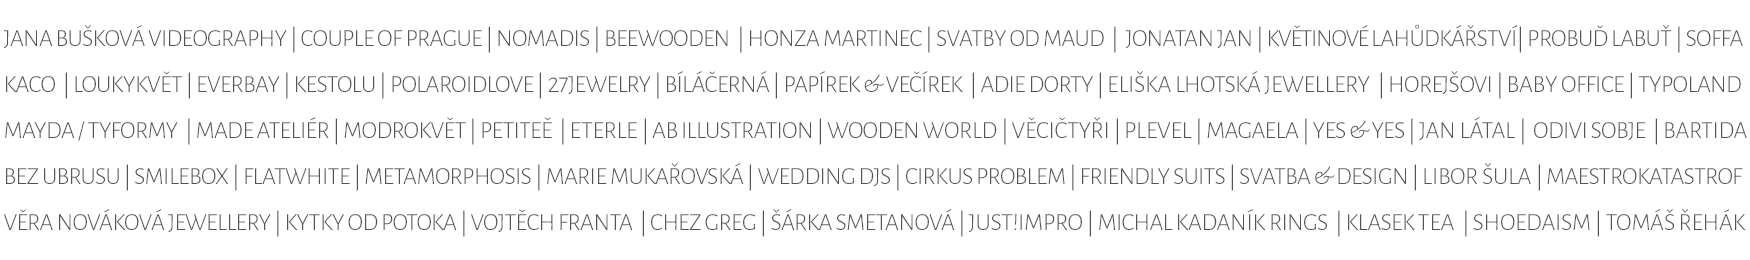 seznam-vystavovatelu-2016-ii-verze